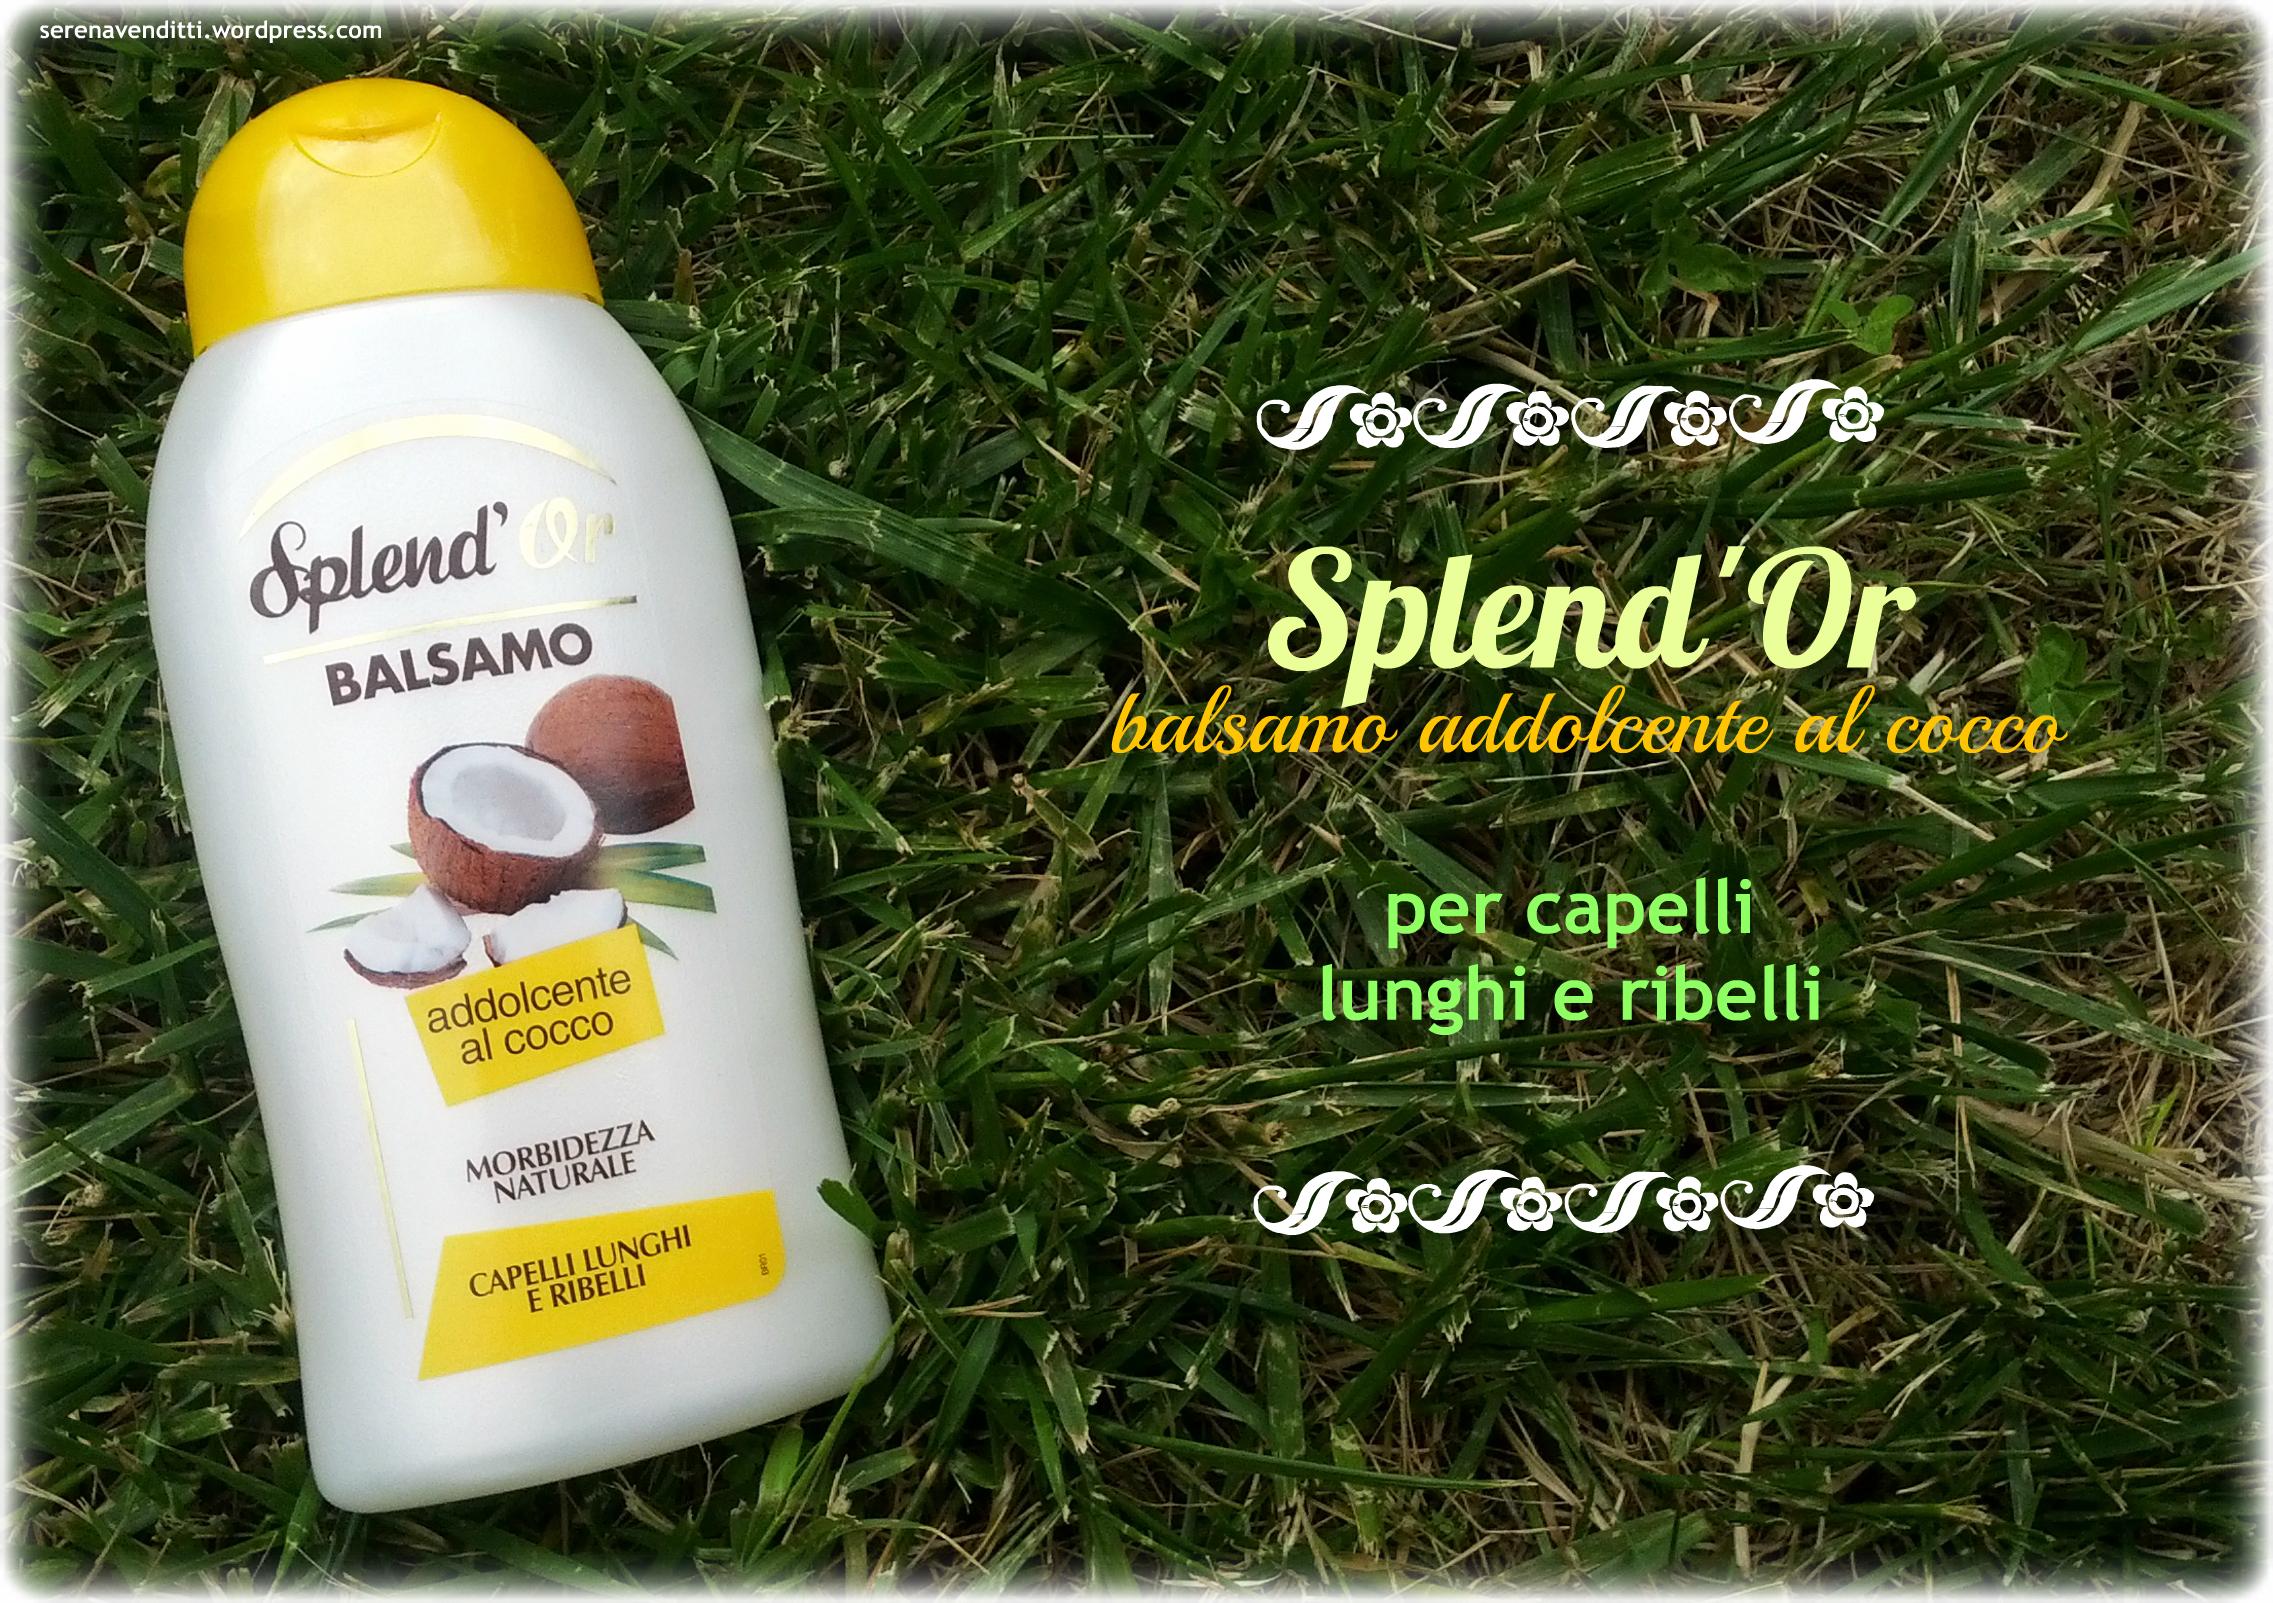 Balsamo Splend'Or Addolcente al Cocco